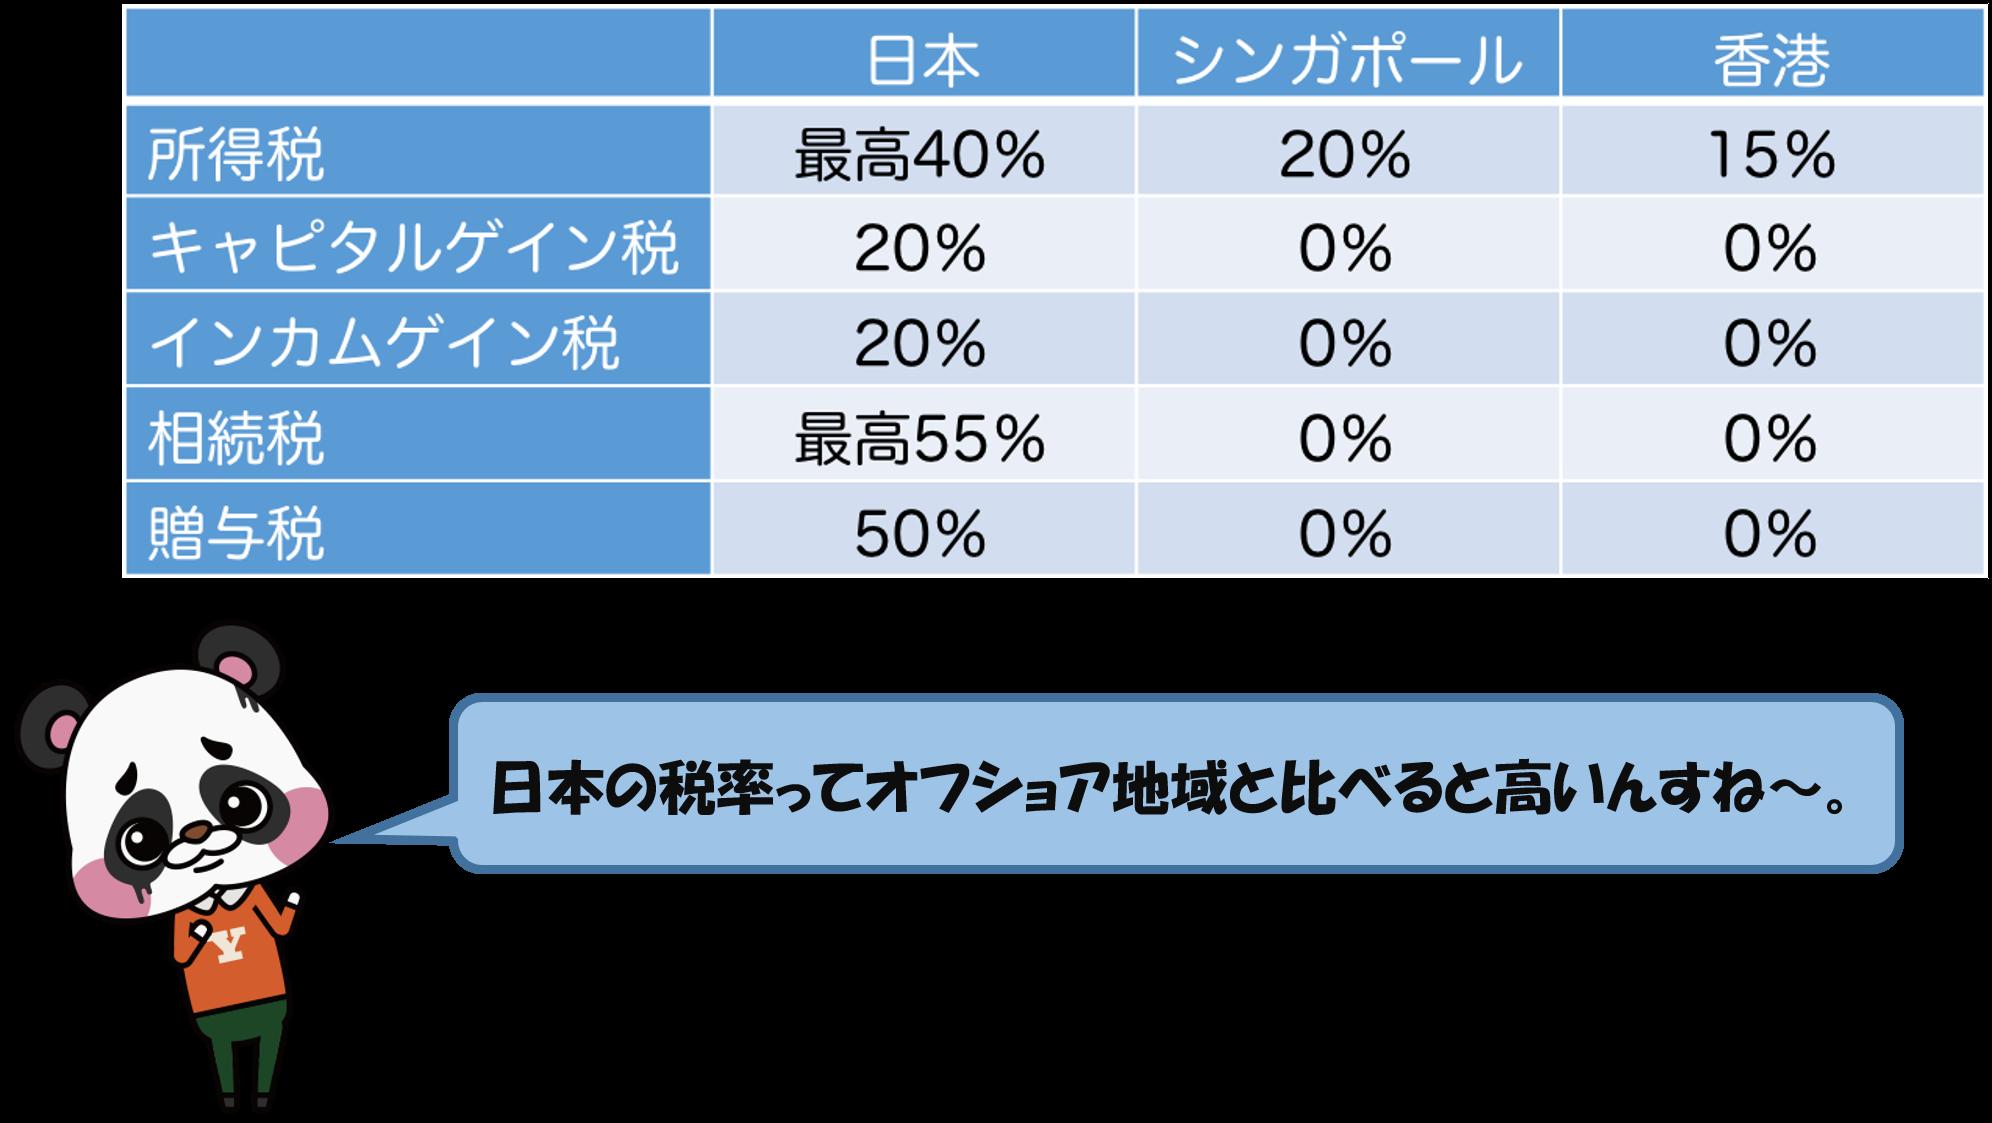 オフショア地域と日本の税率比較